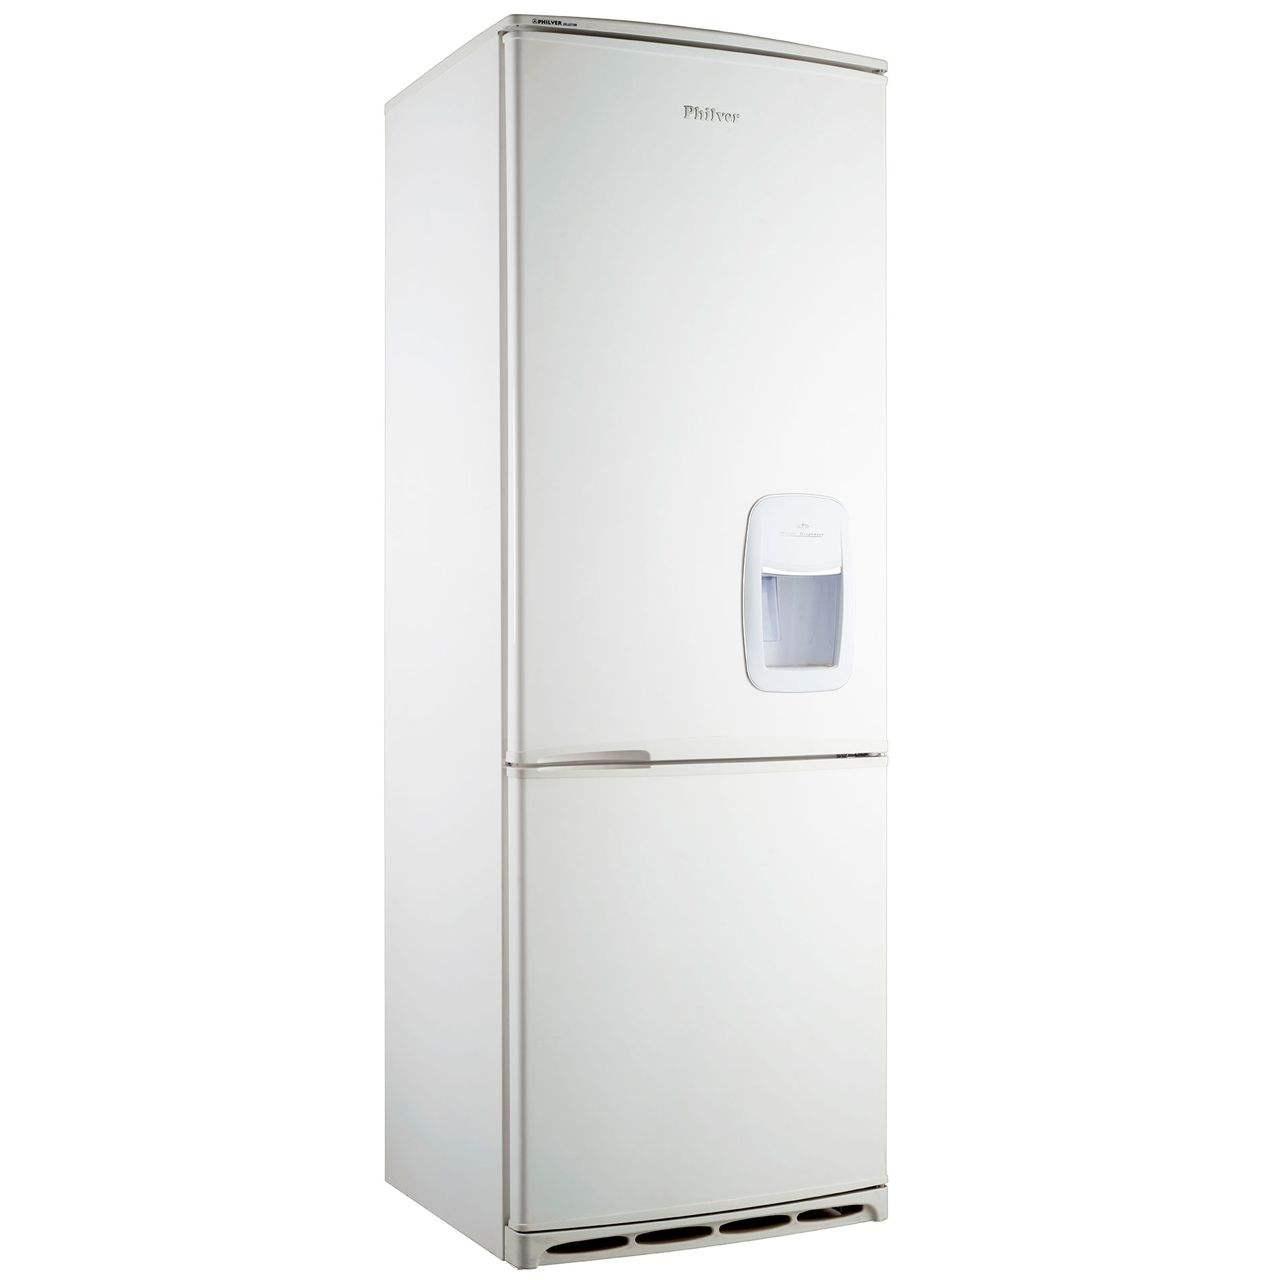 خرید یخچال فریزر فیلور مدل PRN-425BML